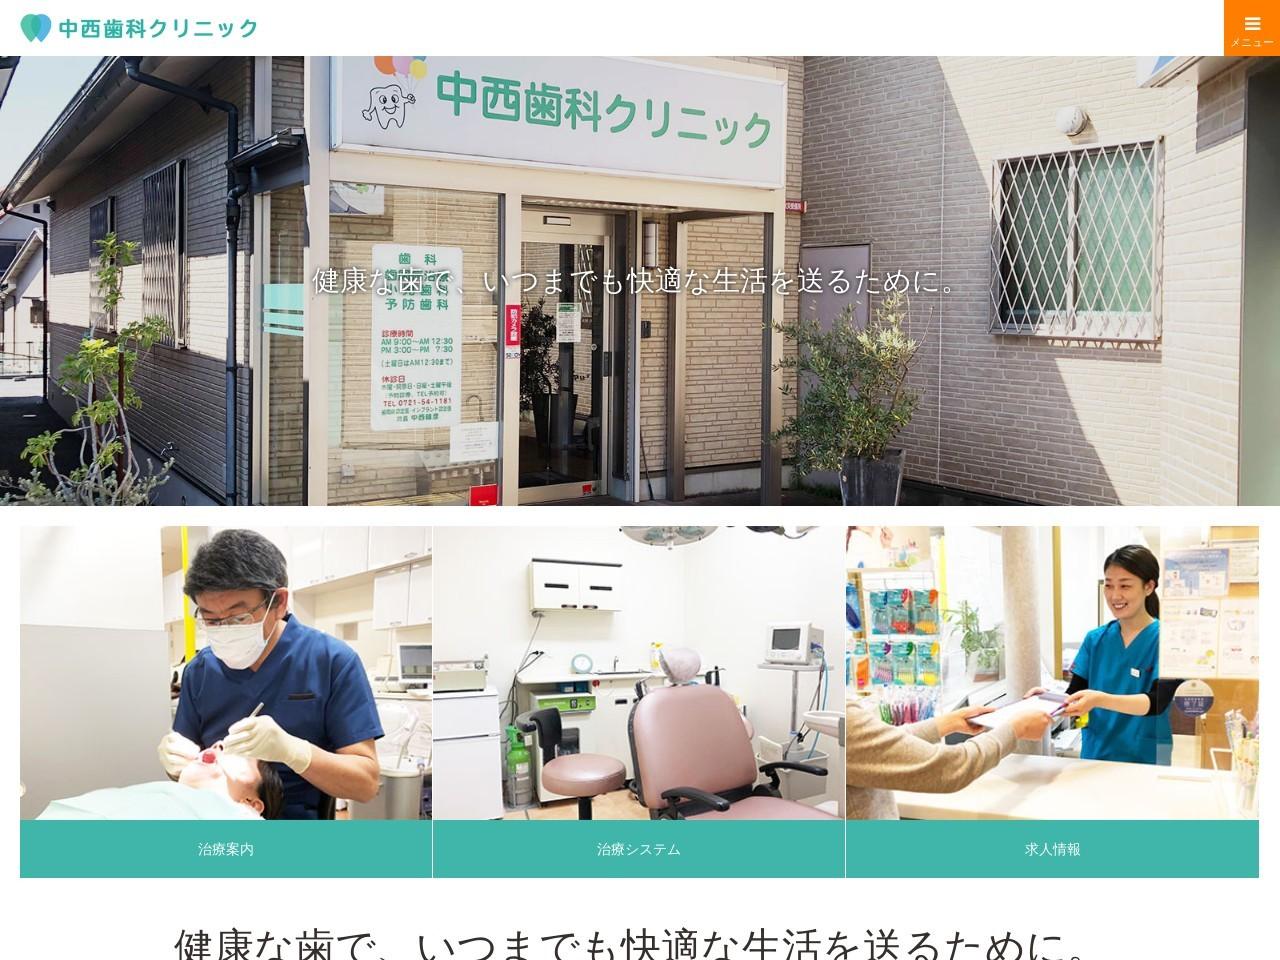 中西歯科クリニック (大阪府河内長野市)